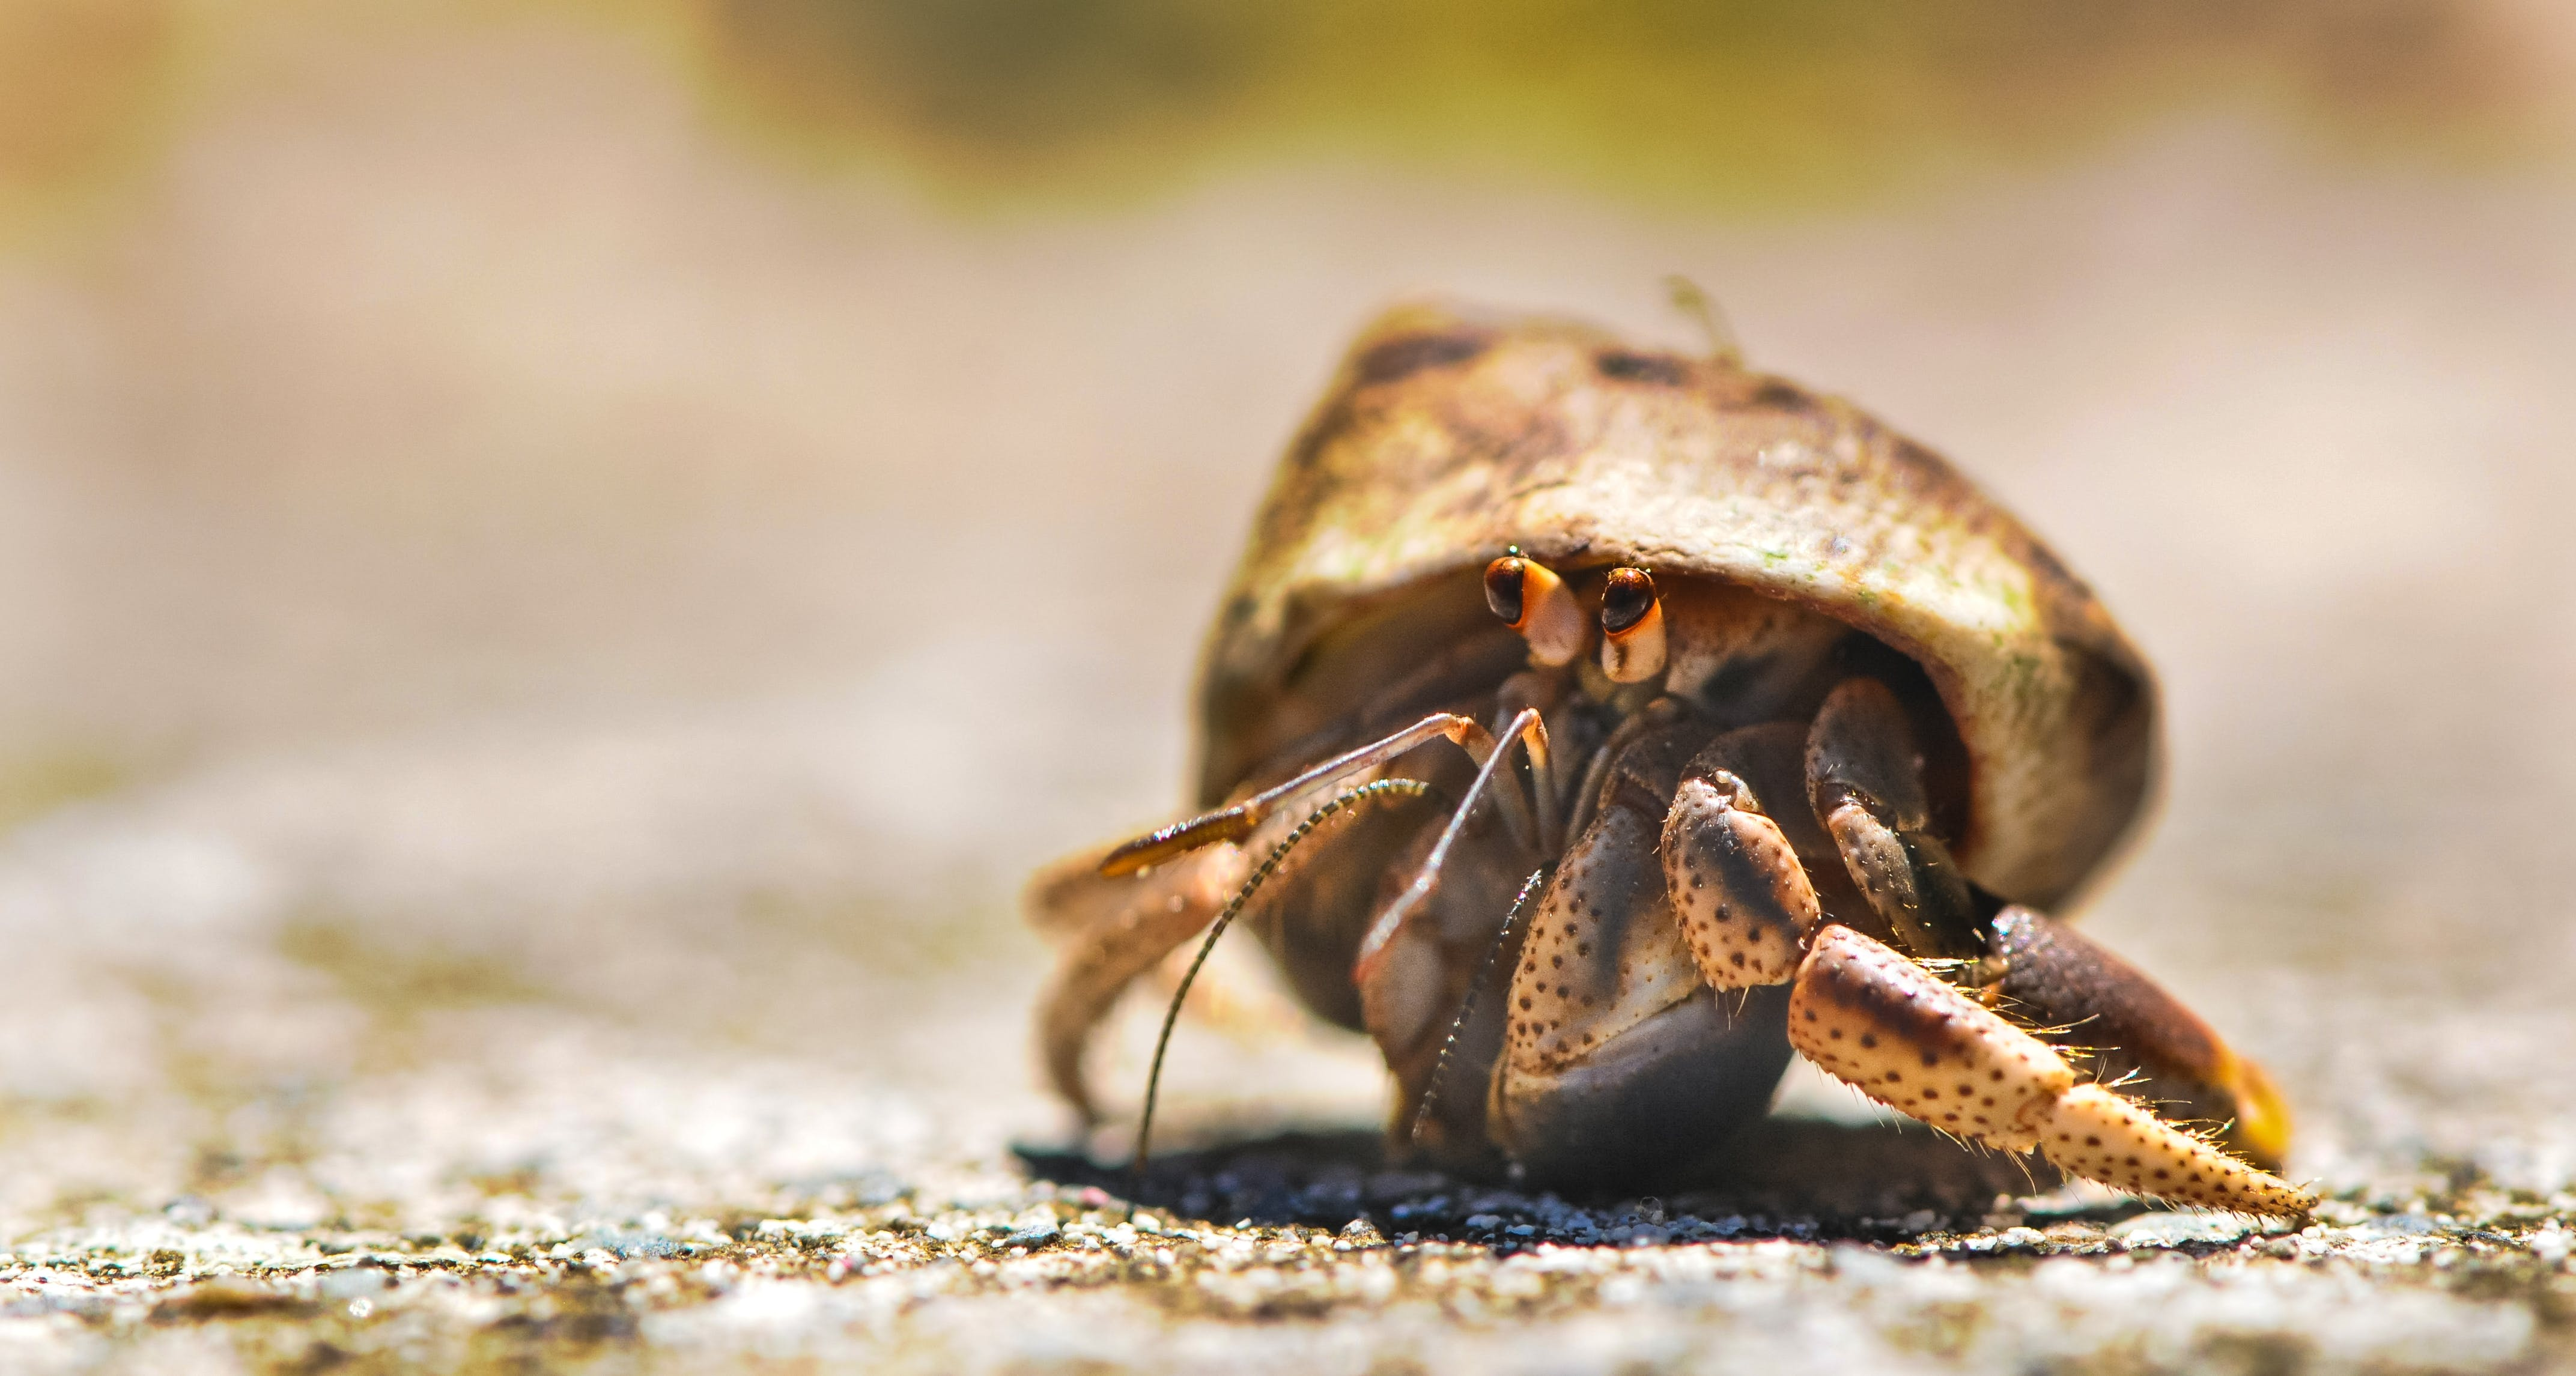 Gratis lagerfoto af dyr, hav, krabbe, nærbillede